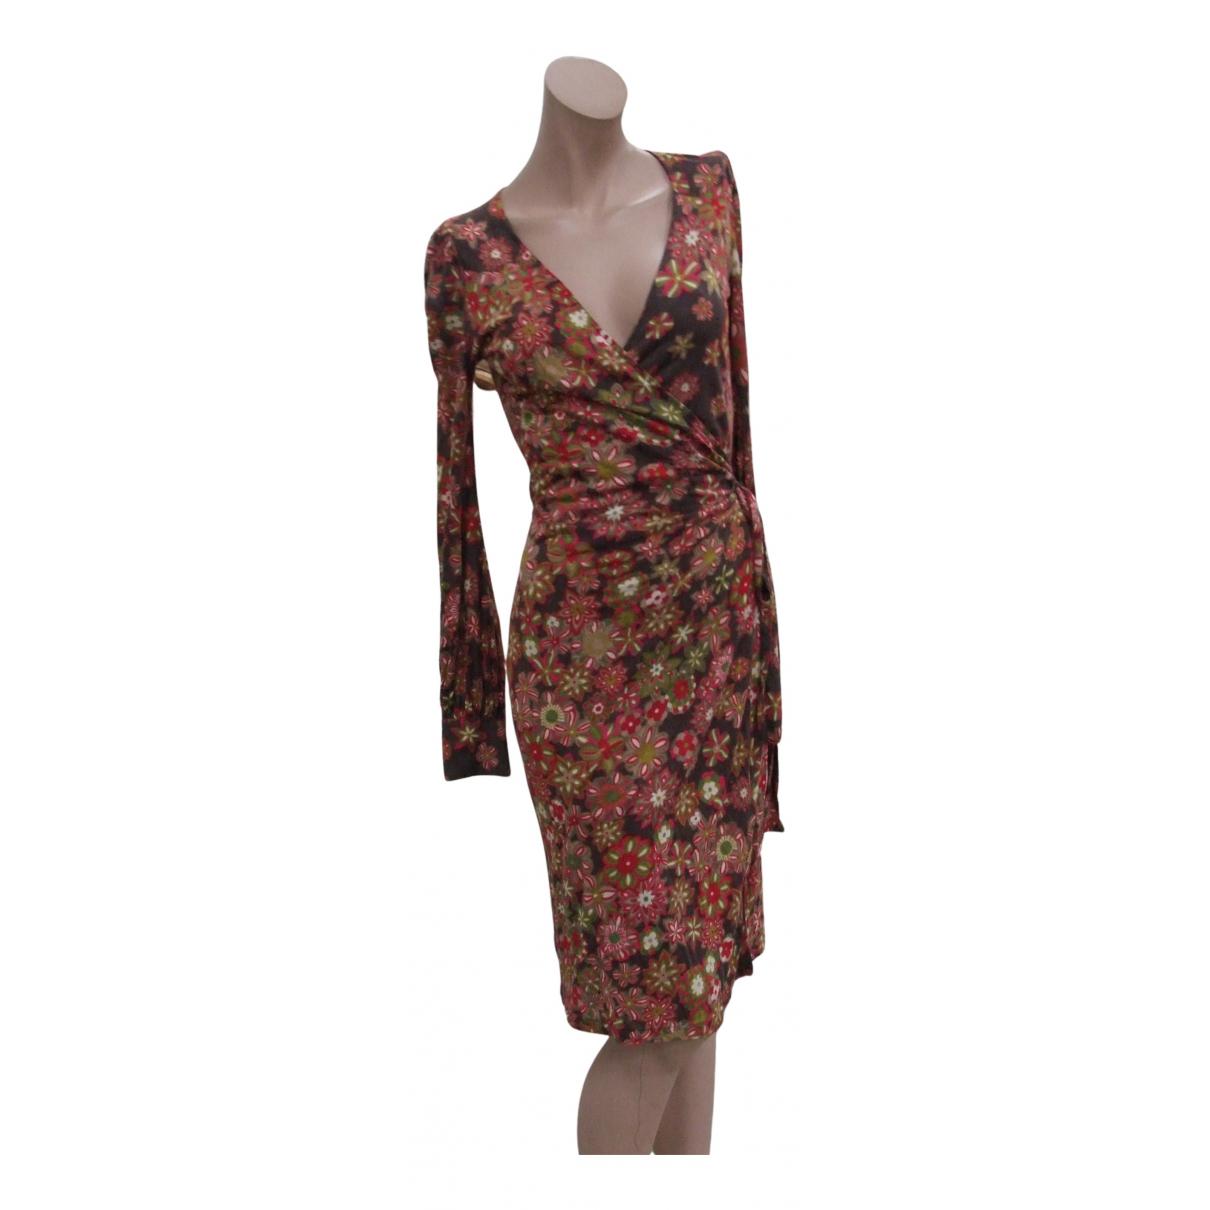 M Missoni N Multicolour dress for Women 6 UK